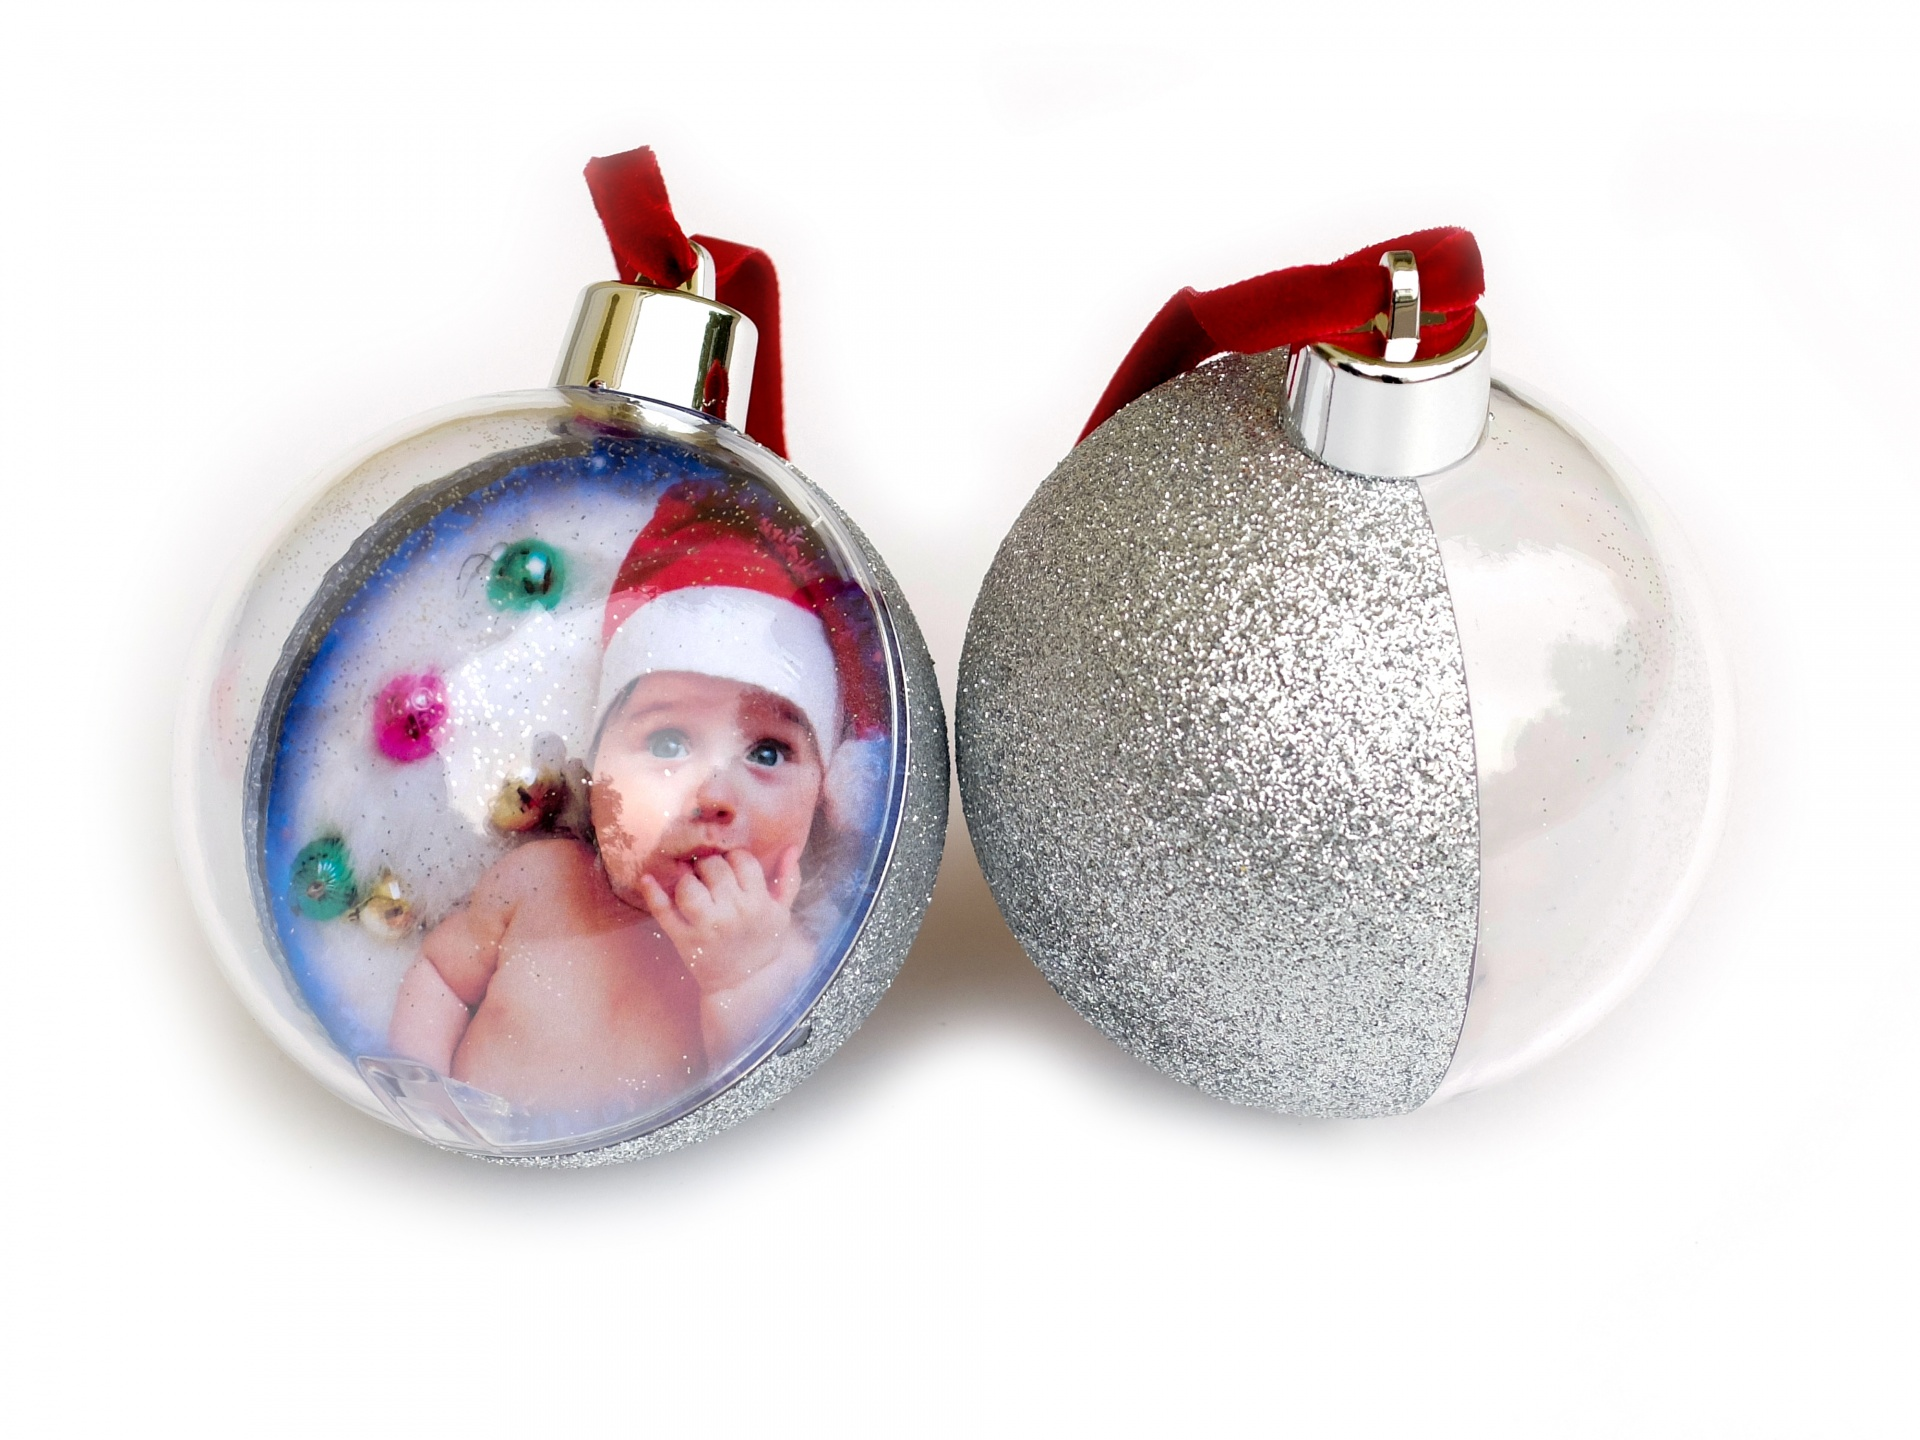 прозрачные новогодние шары с фото внутри она